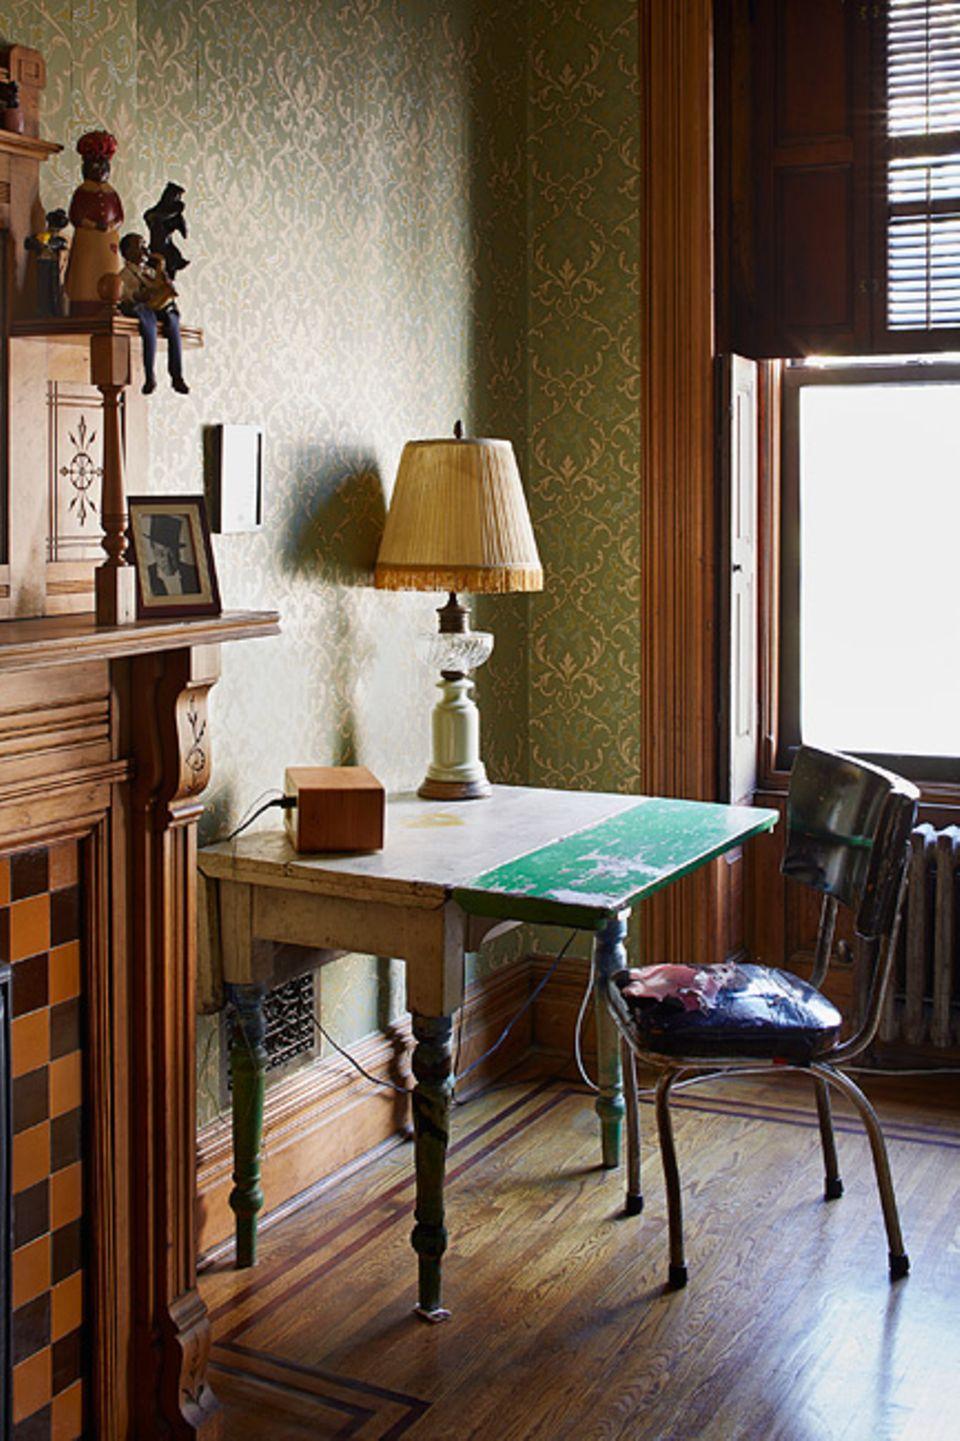 """Städtereise: Das legendäre Hotel """"Harlem Flophouse"""" ist immer eine gute Übernachtungsidee"""